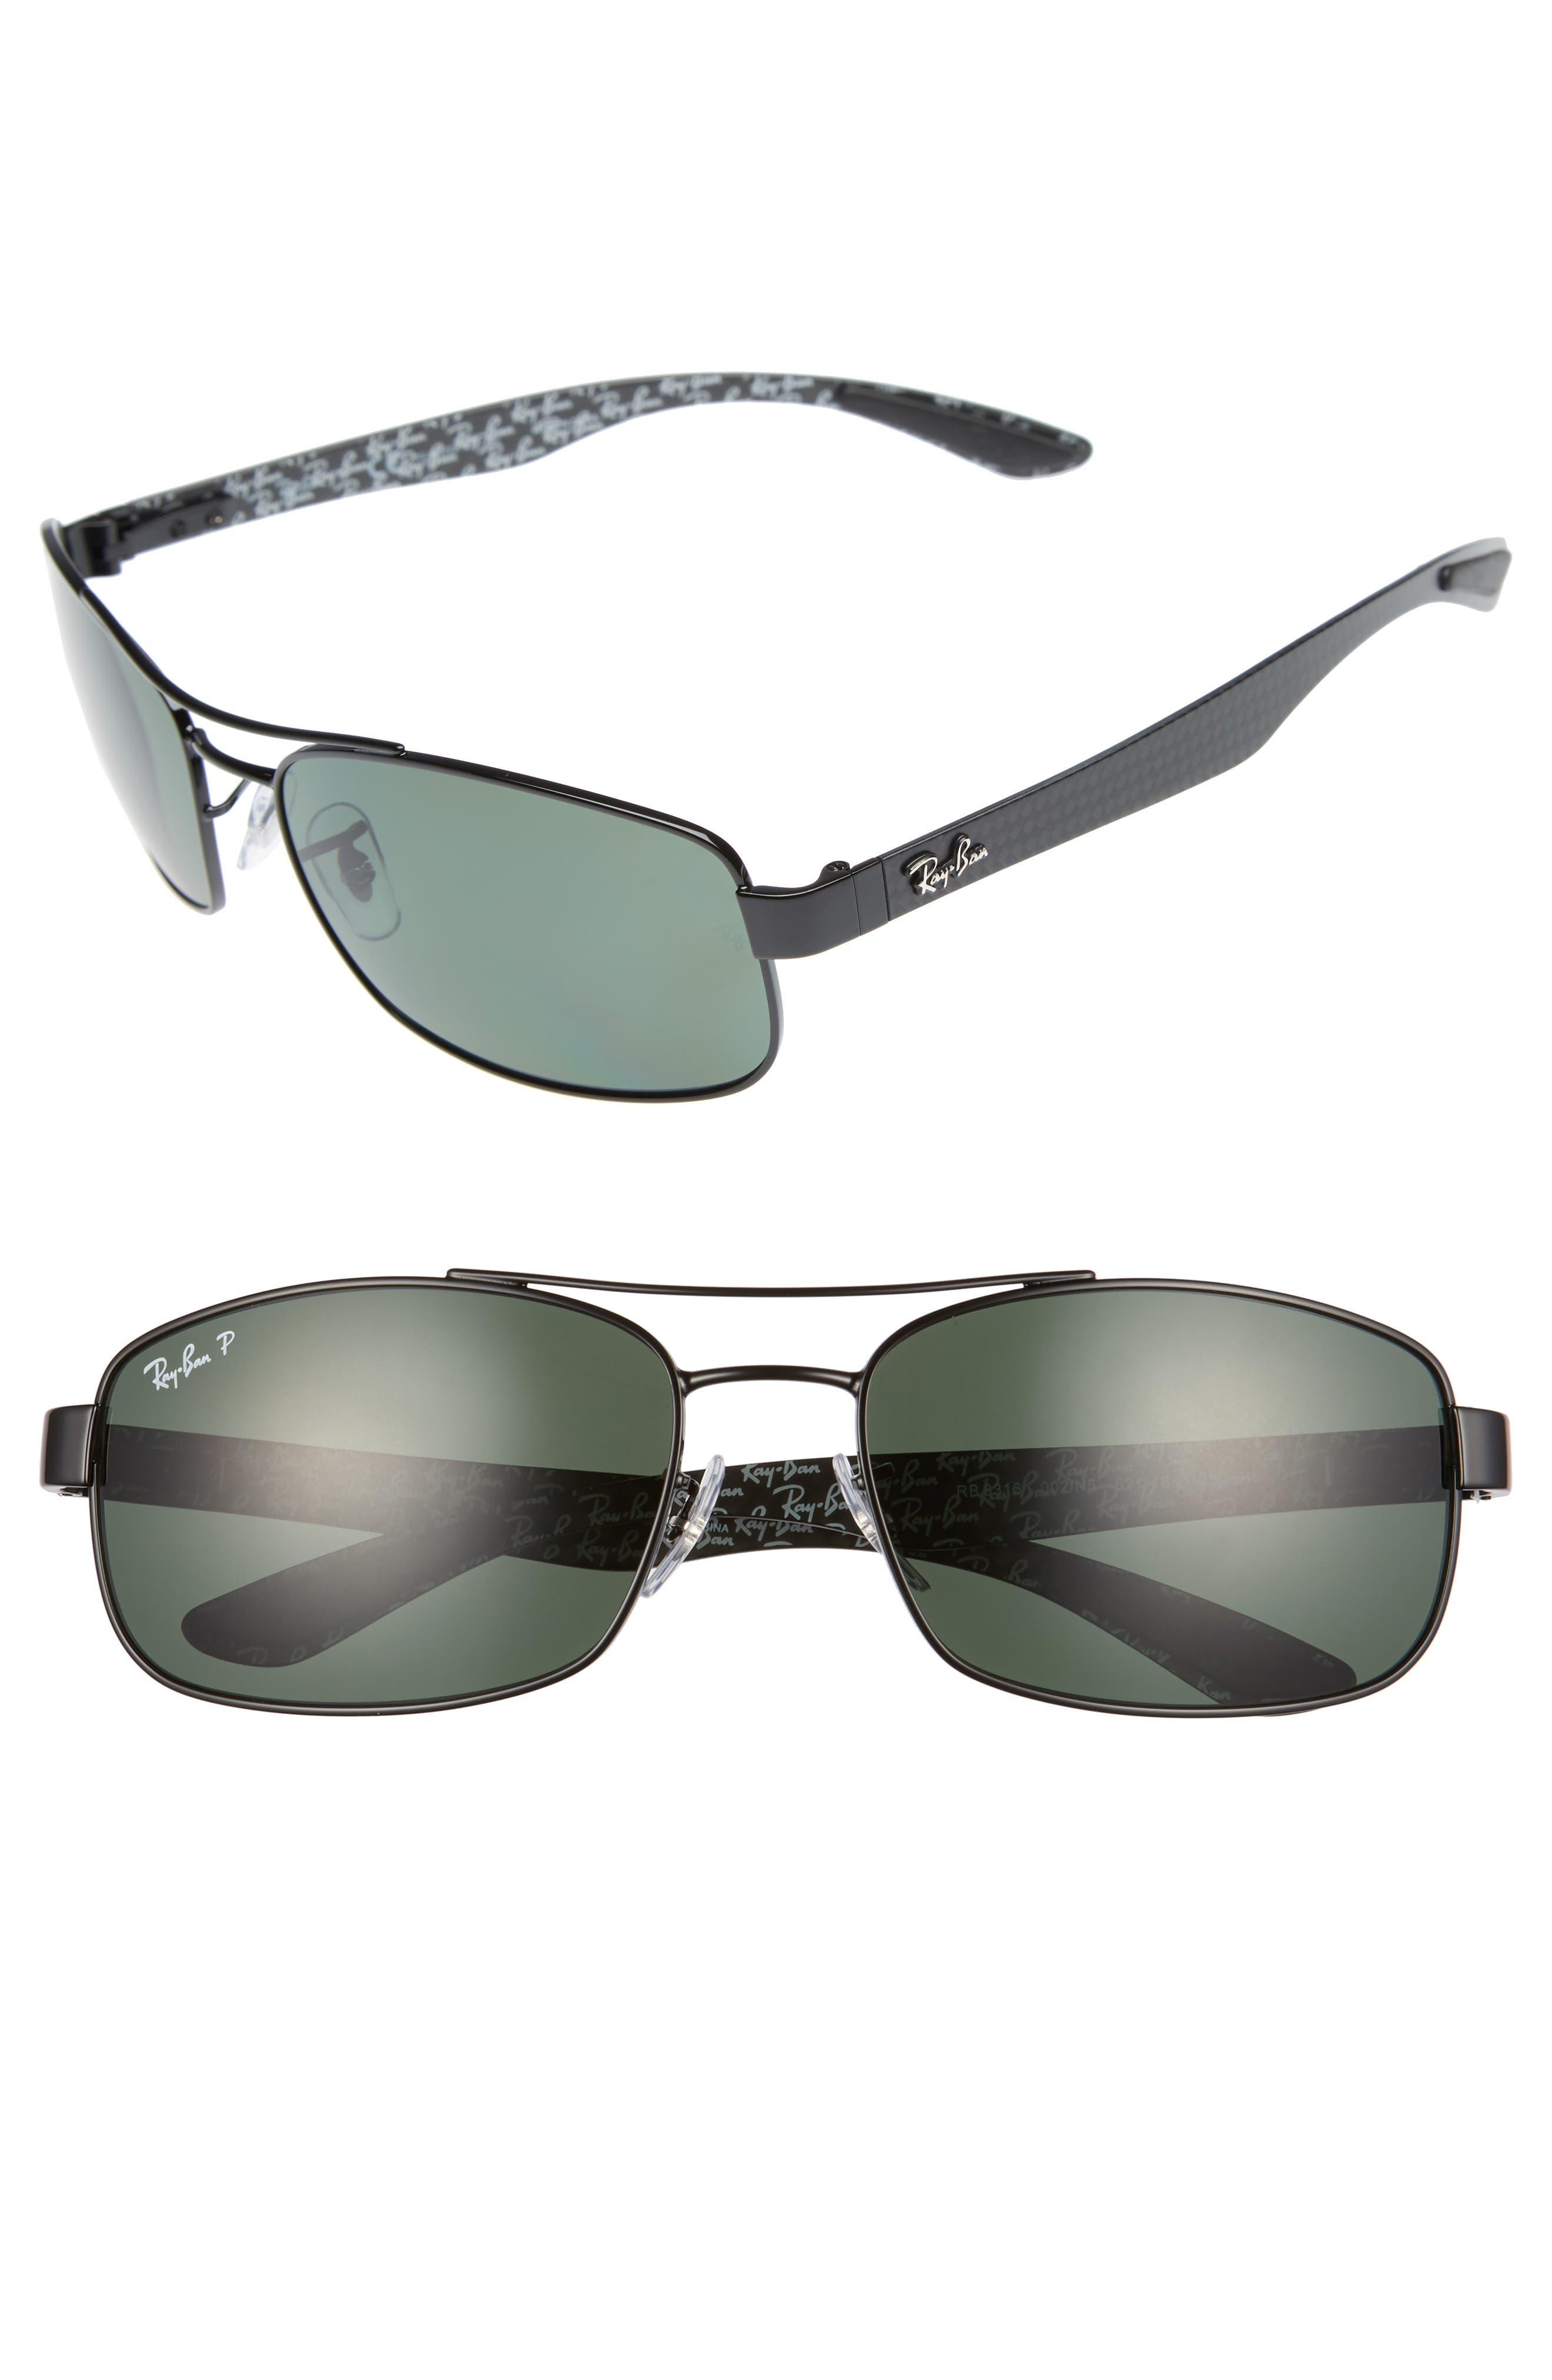 62mm Polarized Sunglasses,                             Main thumbnail 1, color,                             BLACK/ GREEN P